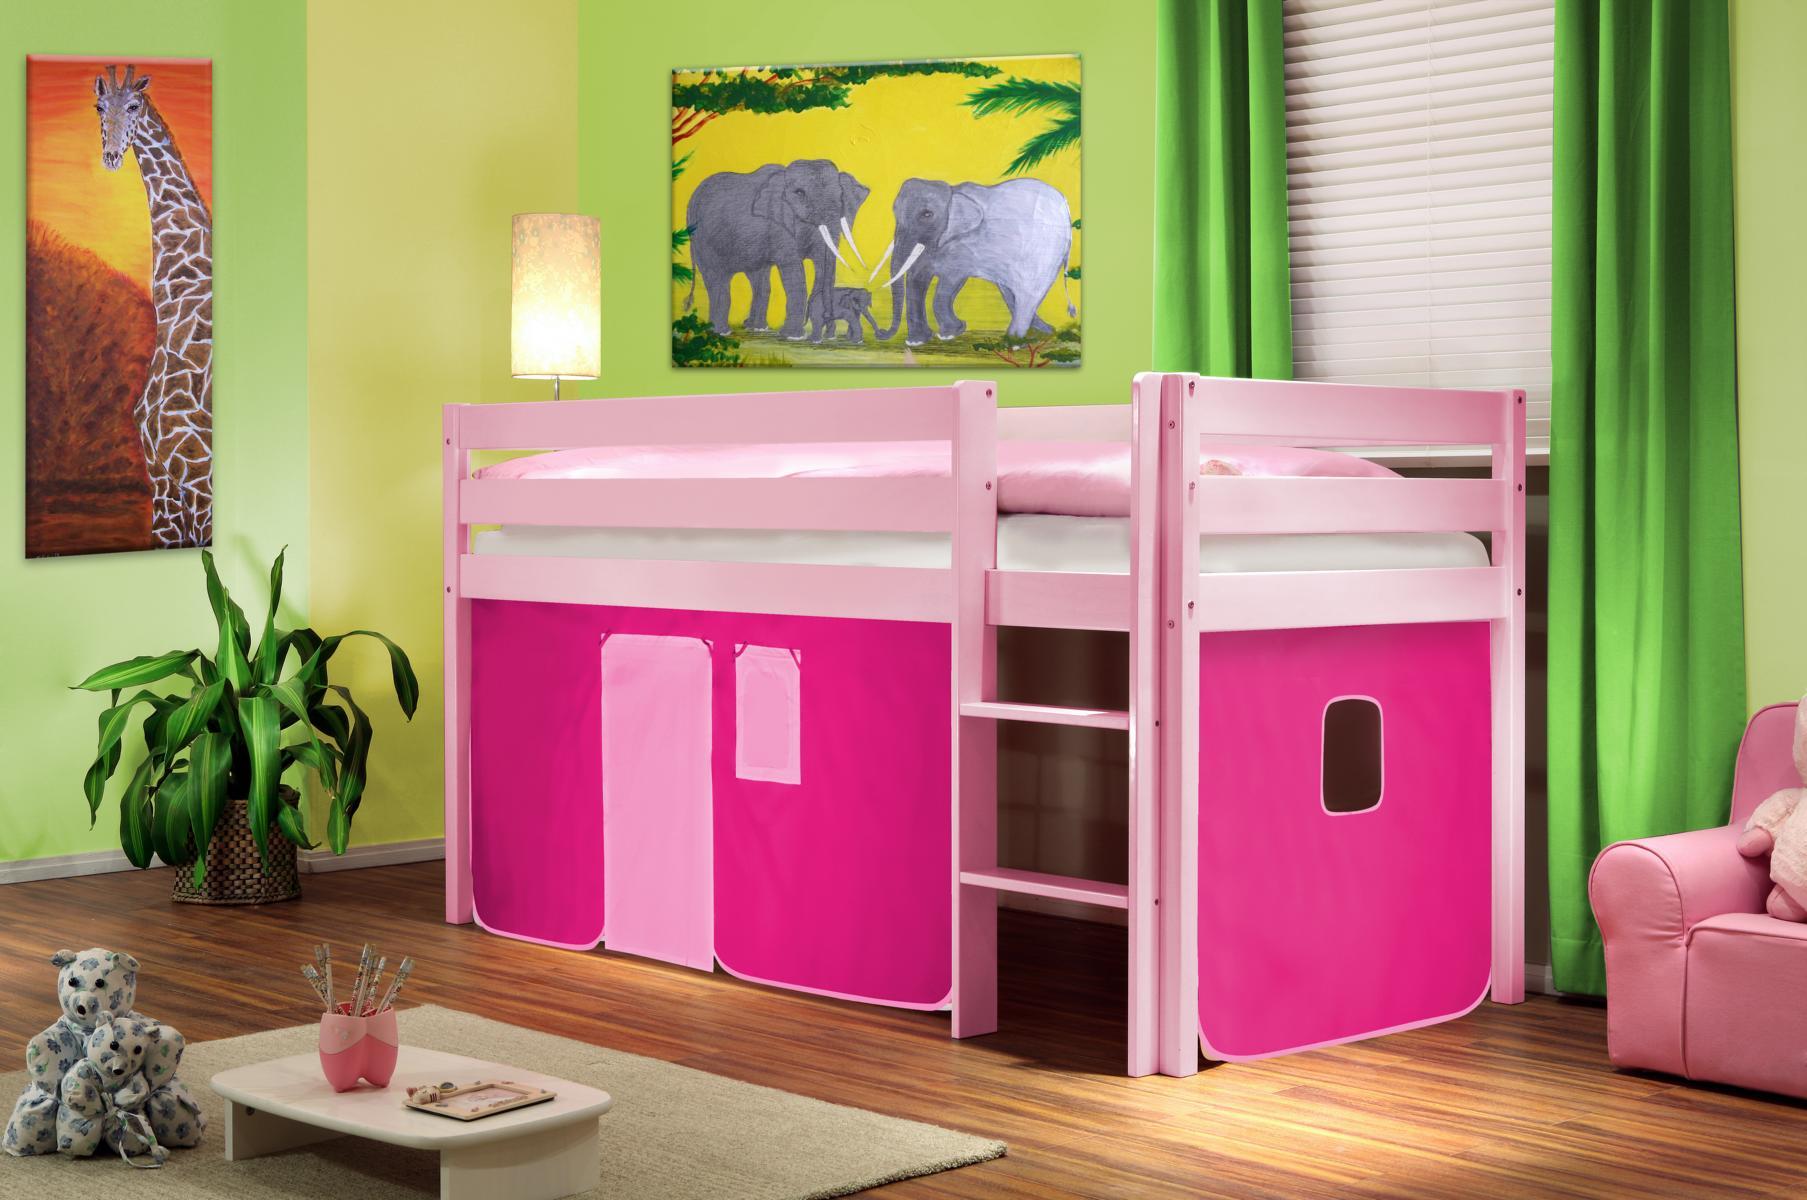 Lit sur lev lit d 39 enfant rideau rose bois de pin rose shb 31 sixbros ebay - Rideau pour lit sureleve ...